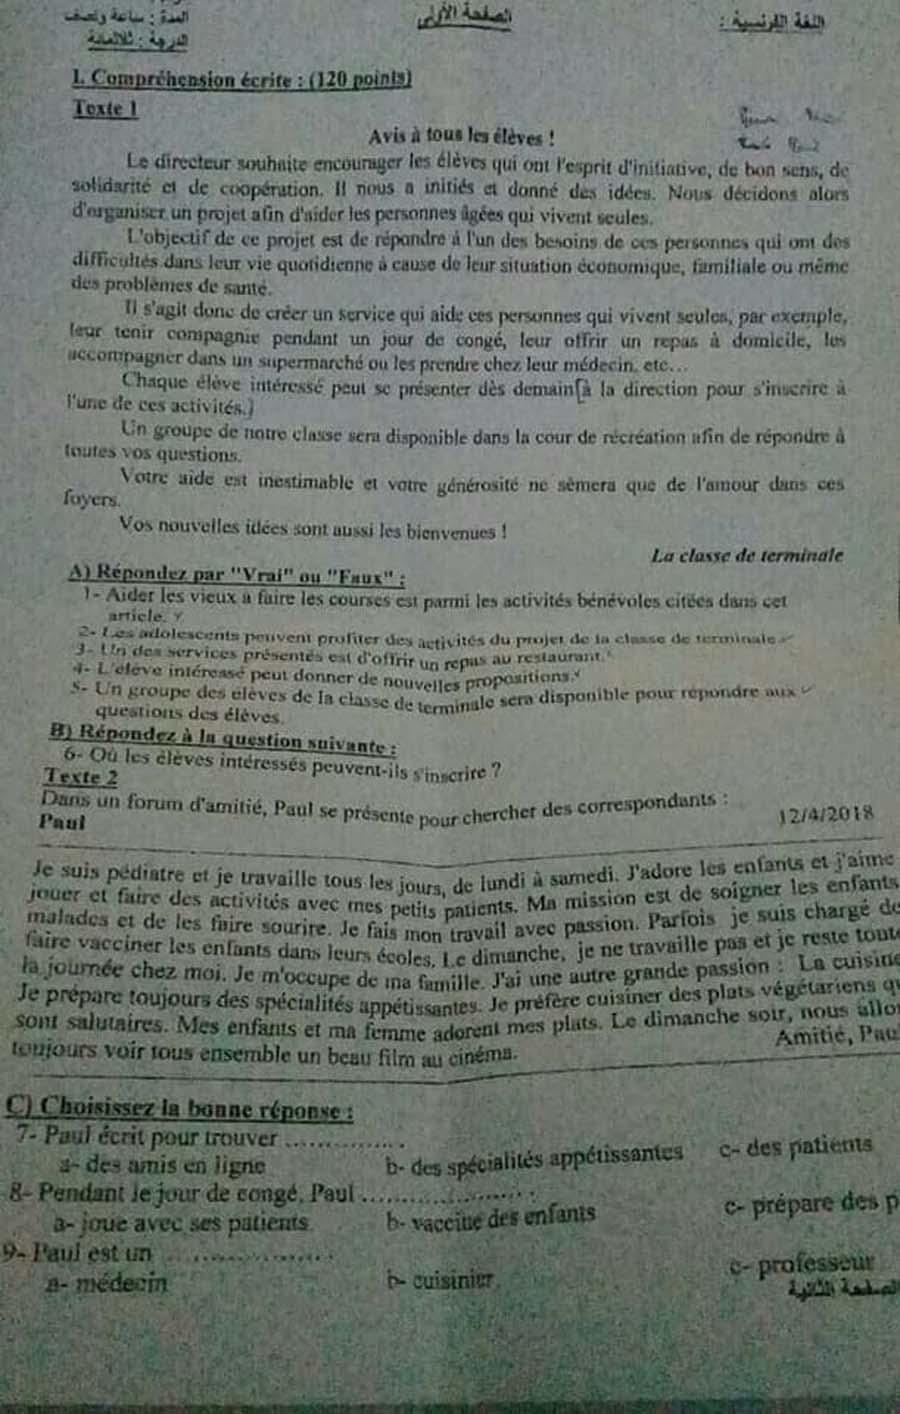 حماه ورقة اسئلة الفرنسي للامتحان النهائي لطلاب شهادة التعليم الأساسي 2018 - التاسع سوريا